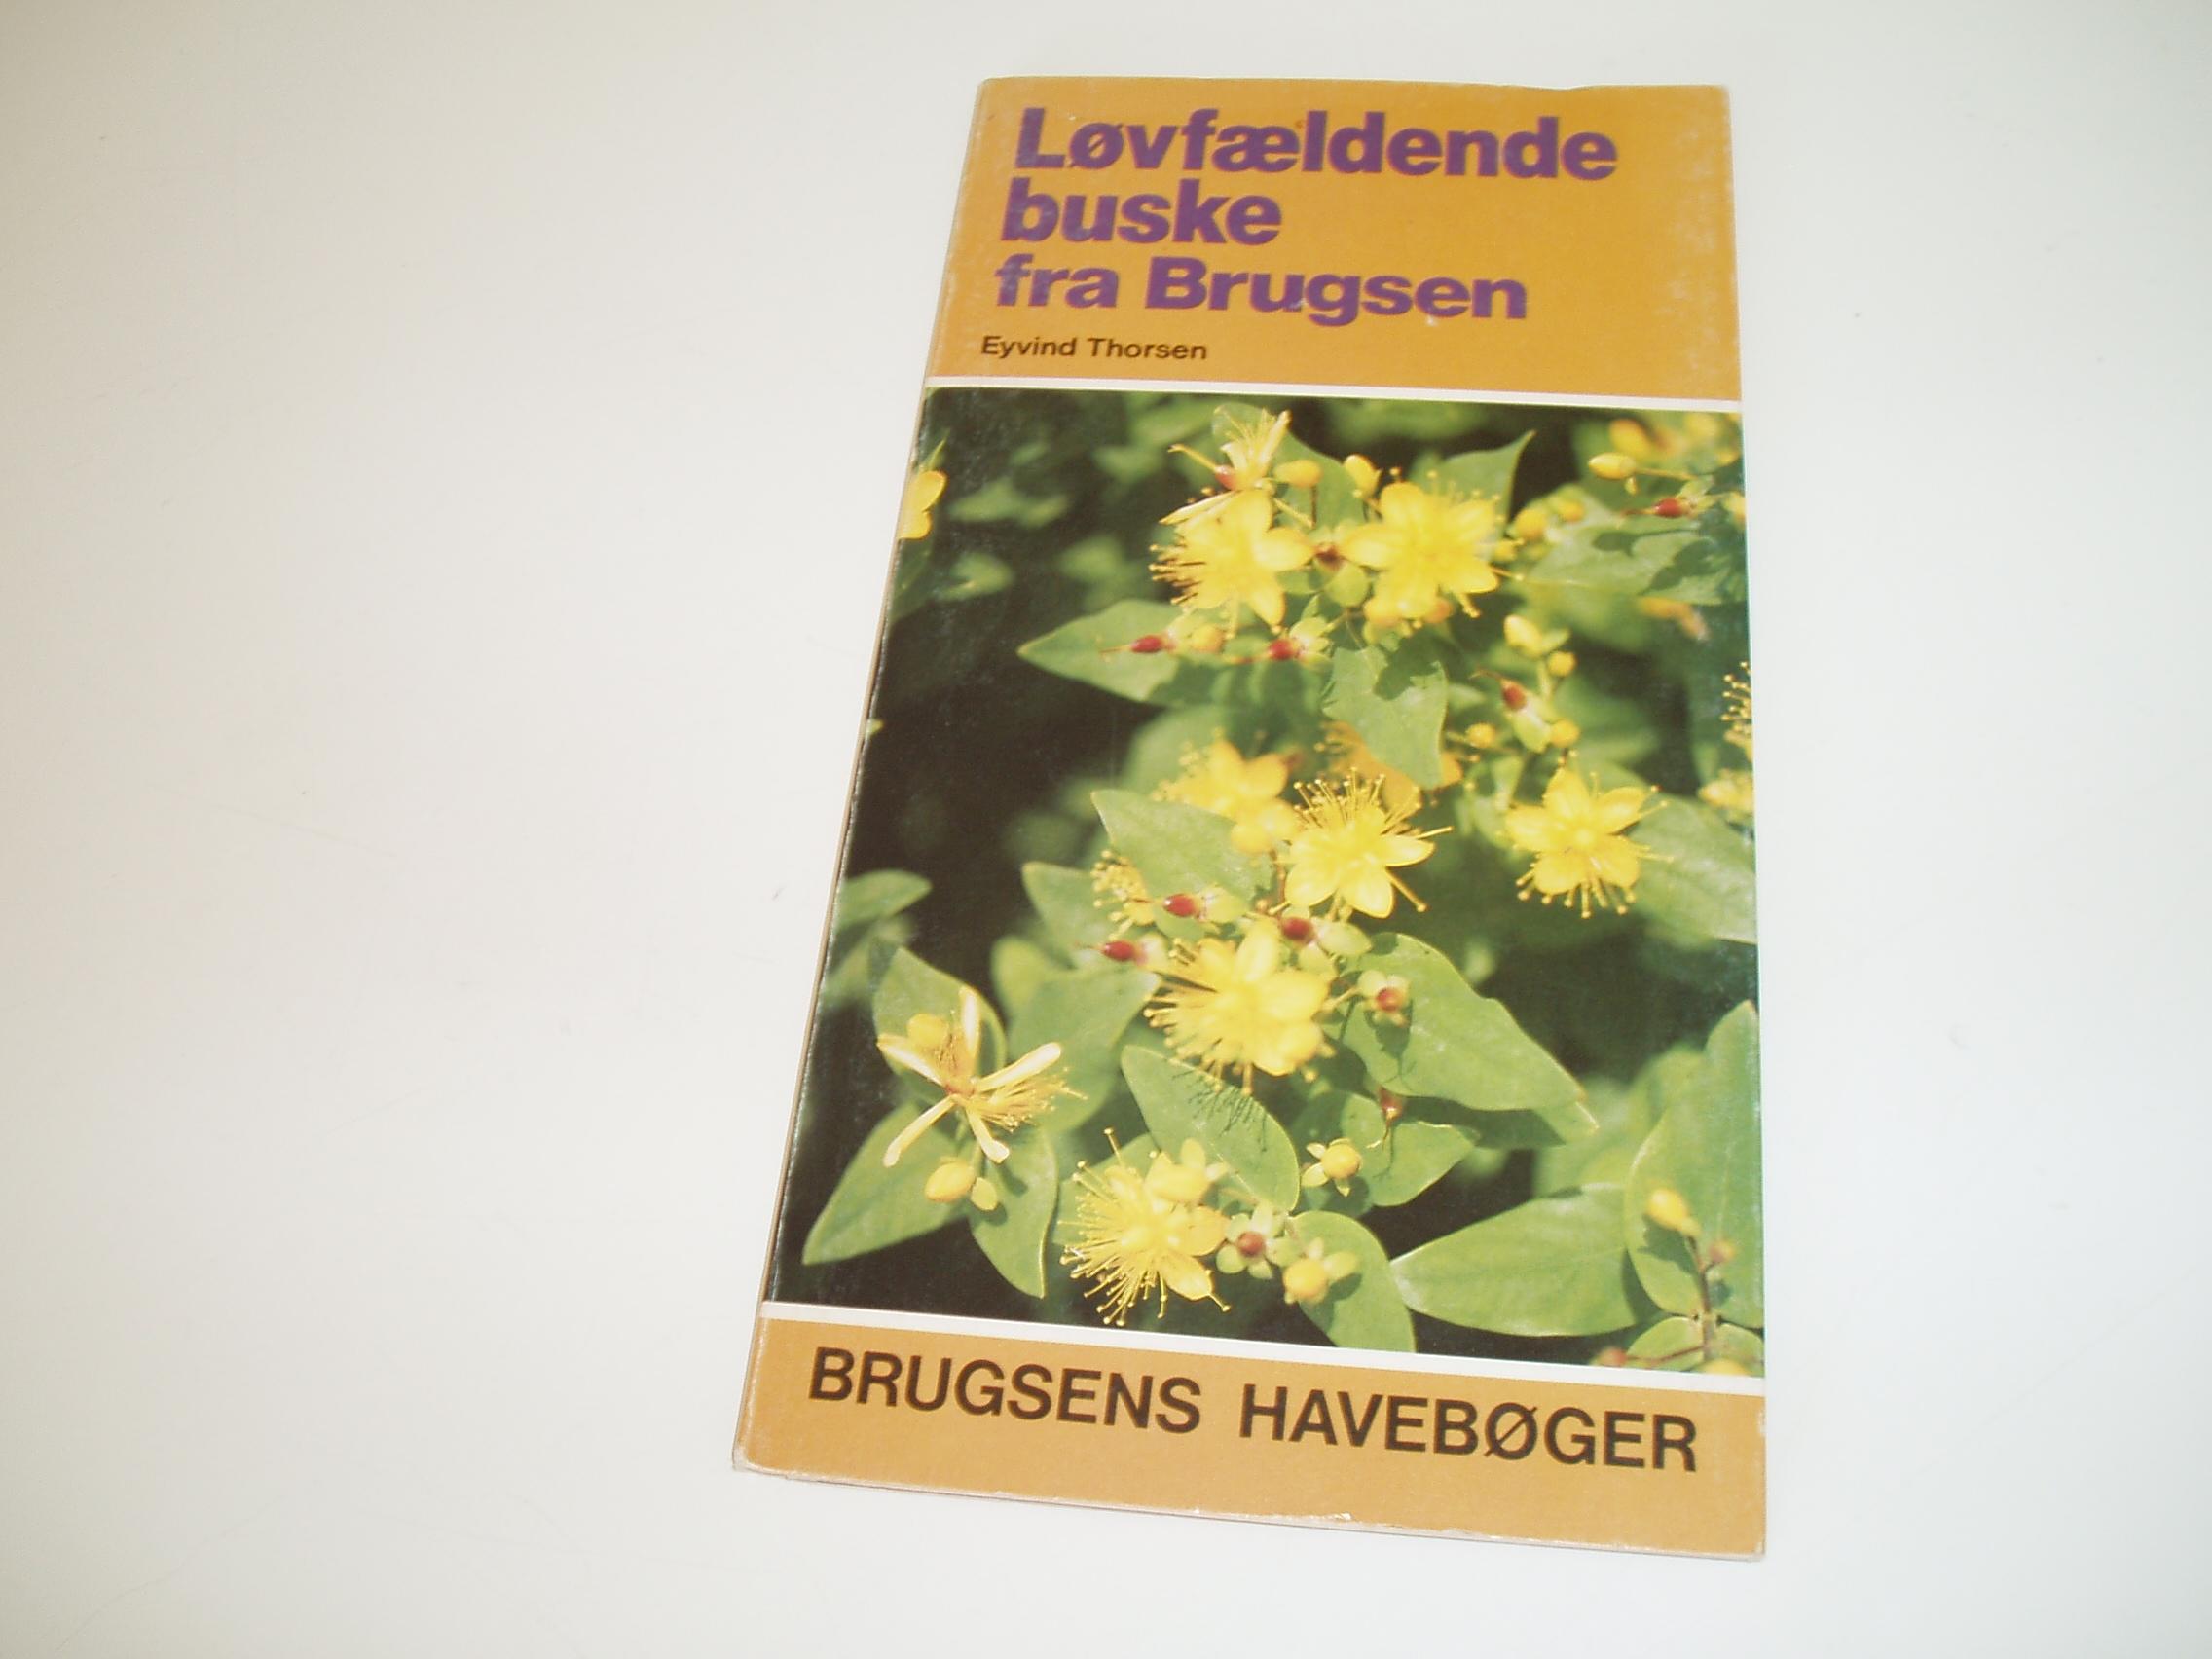 Løvfældende buske fra Brugsen. Brugsens Havebøger